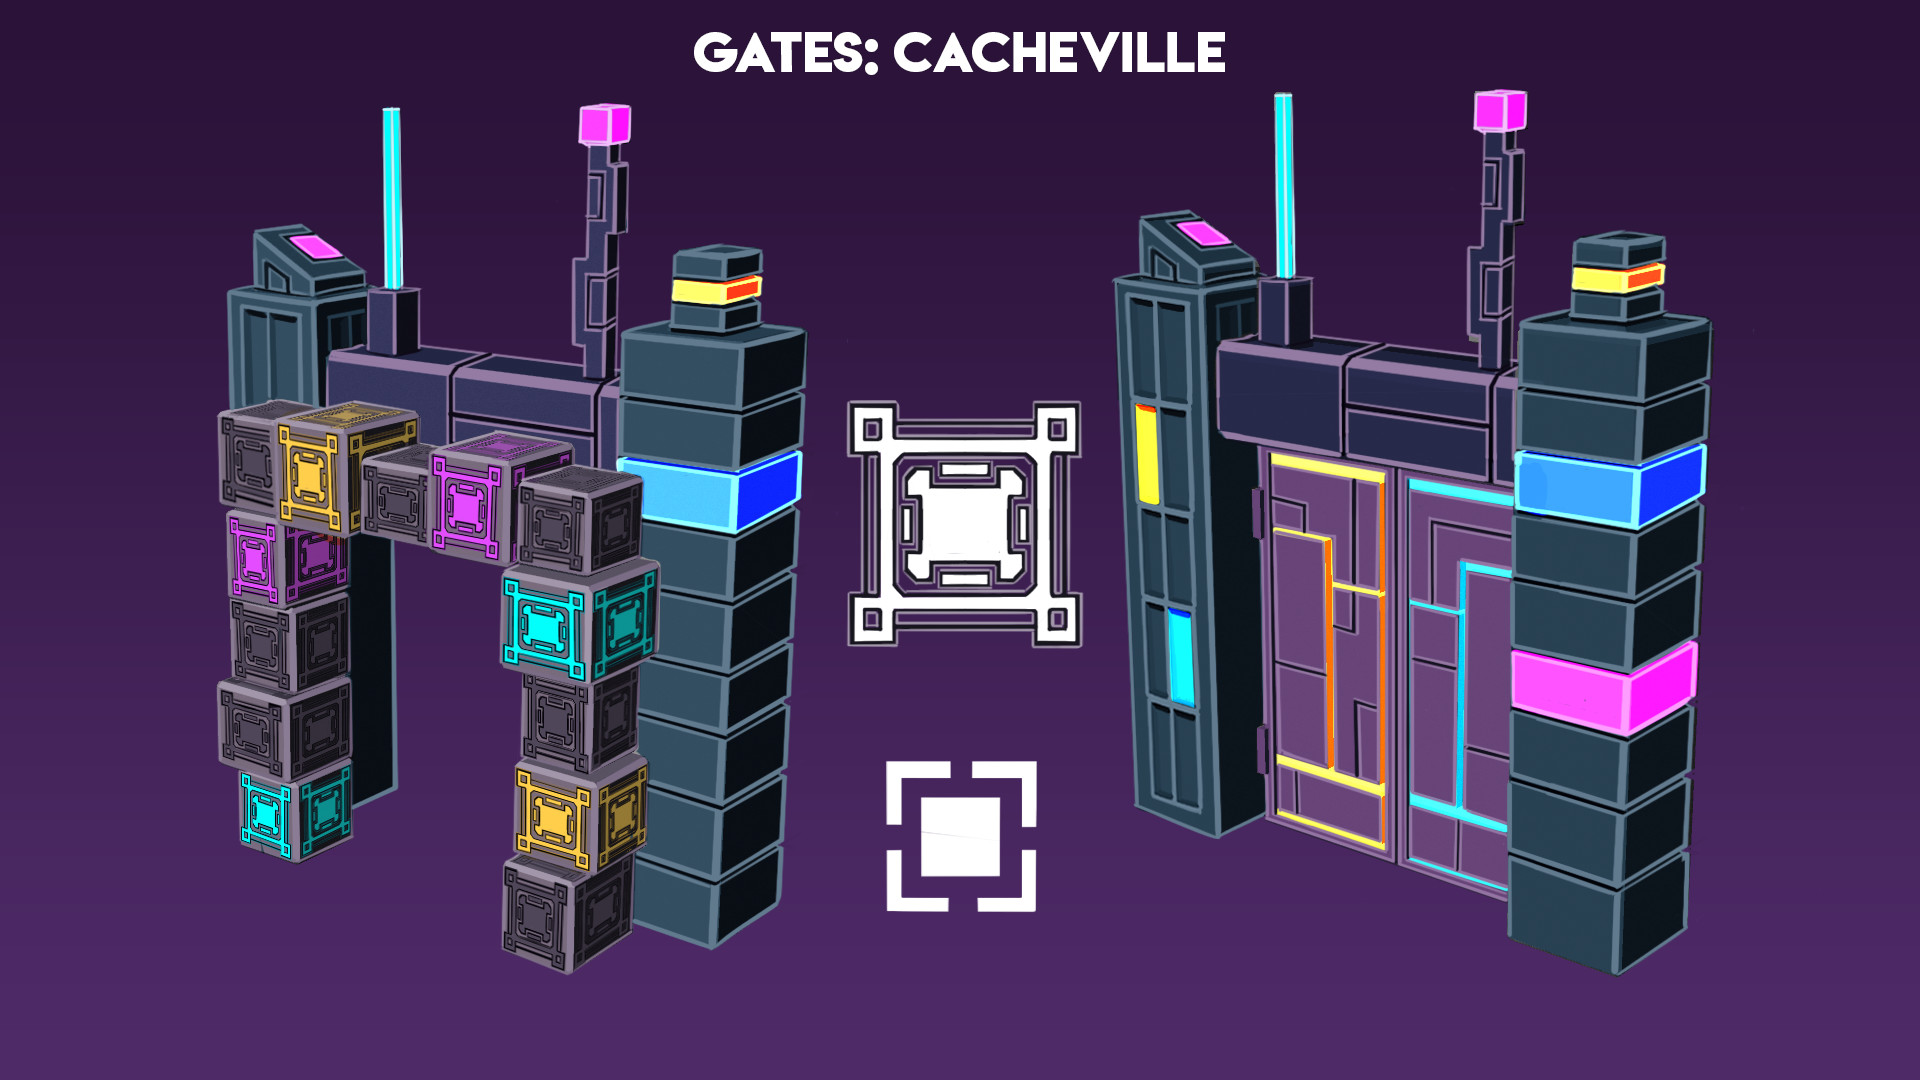 Helen o dell gates cacheville01